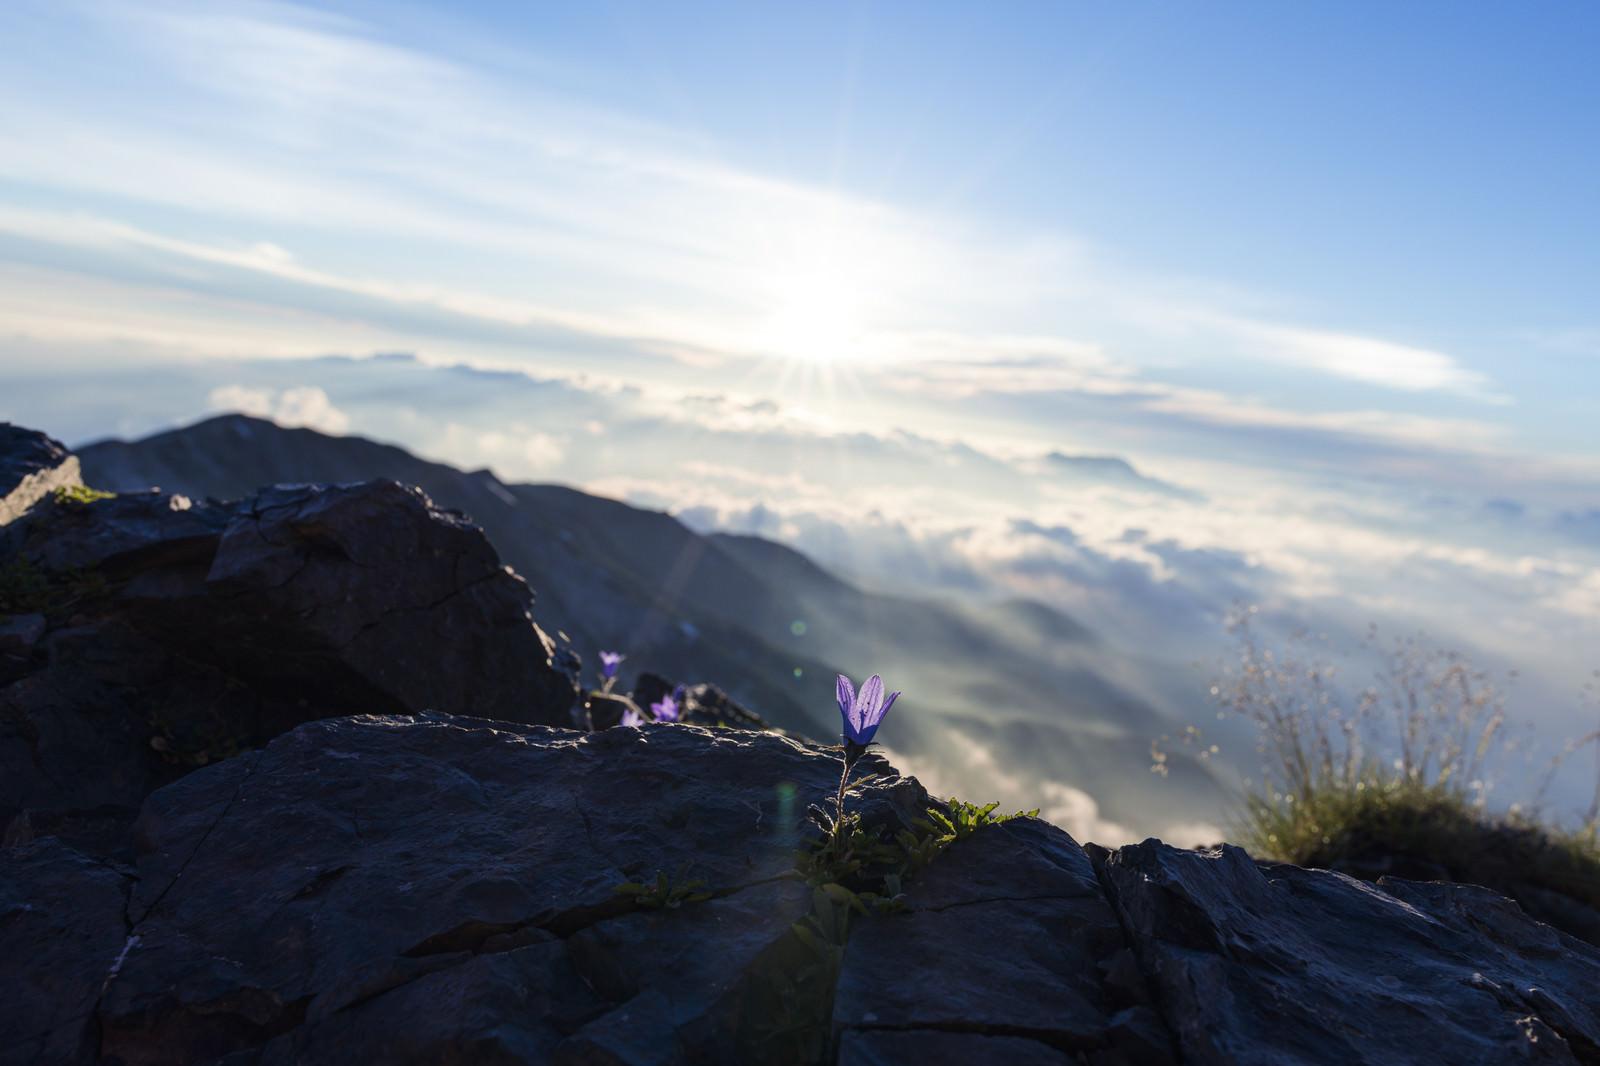 「白馬岳朝日とチシマギキョウ(高山植物)」の写真